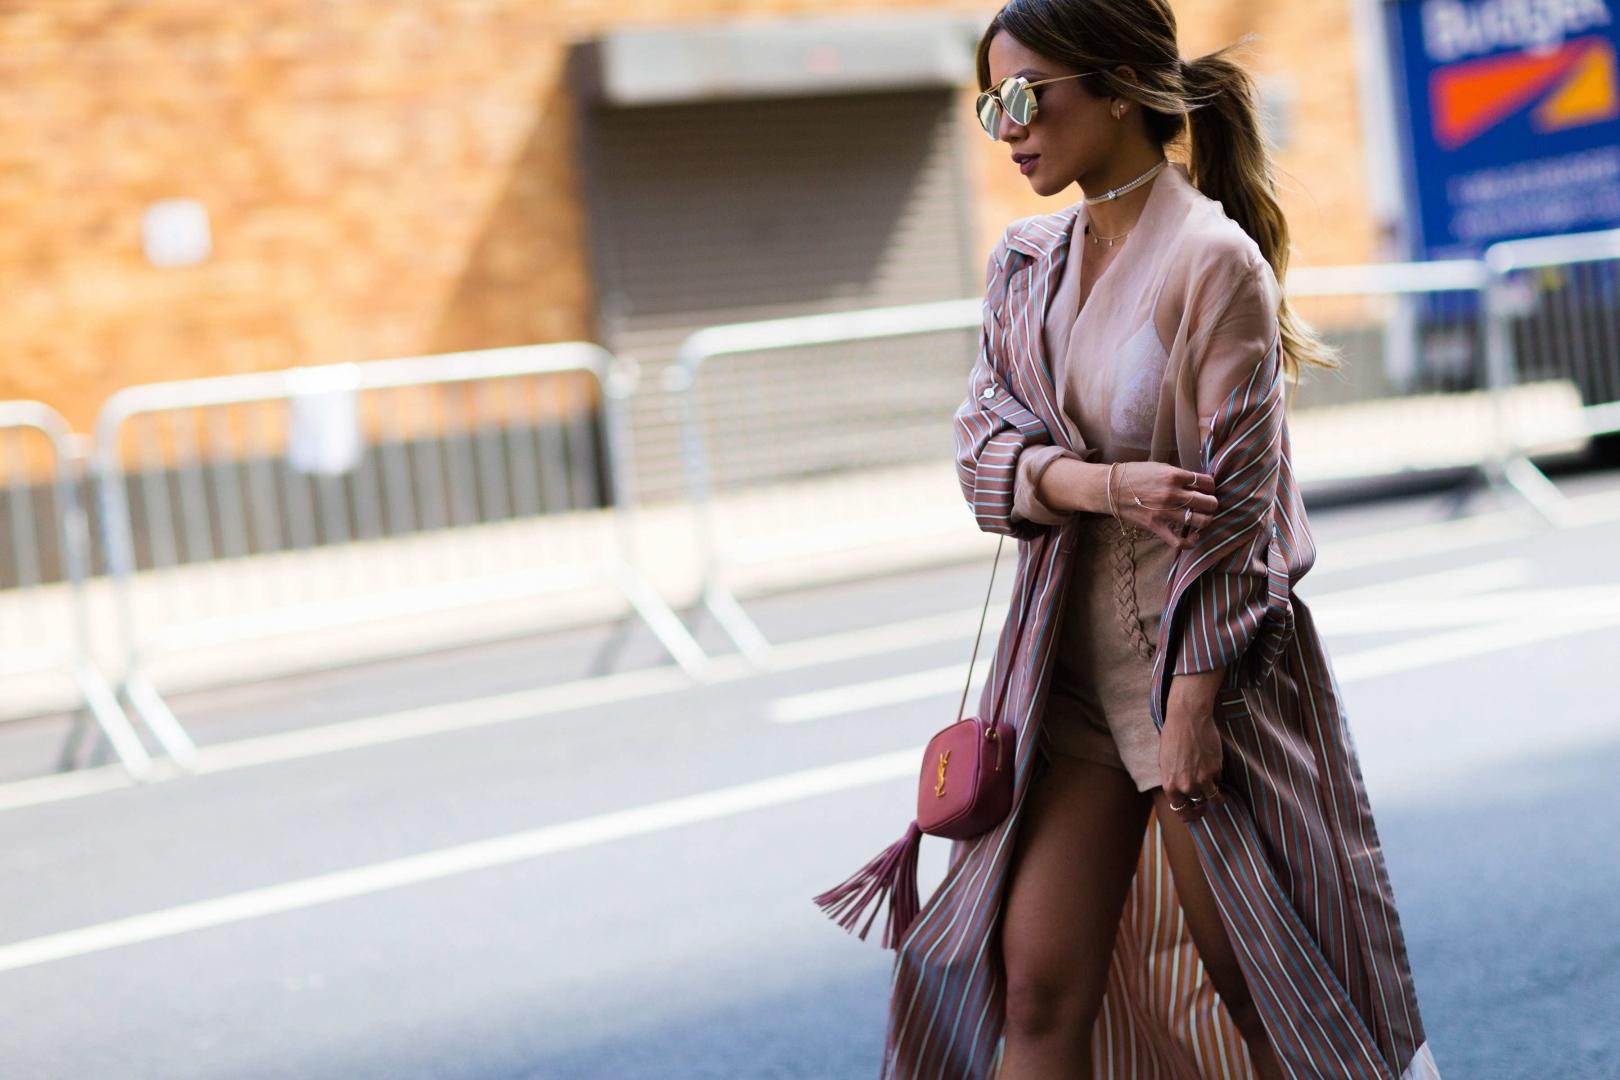 Fique por dentro das clothes escolhidas por fashionistas!